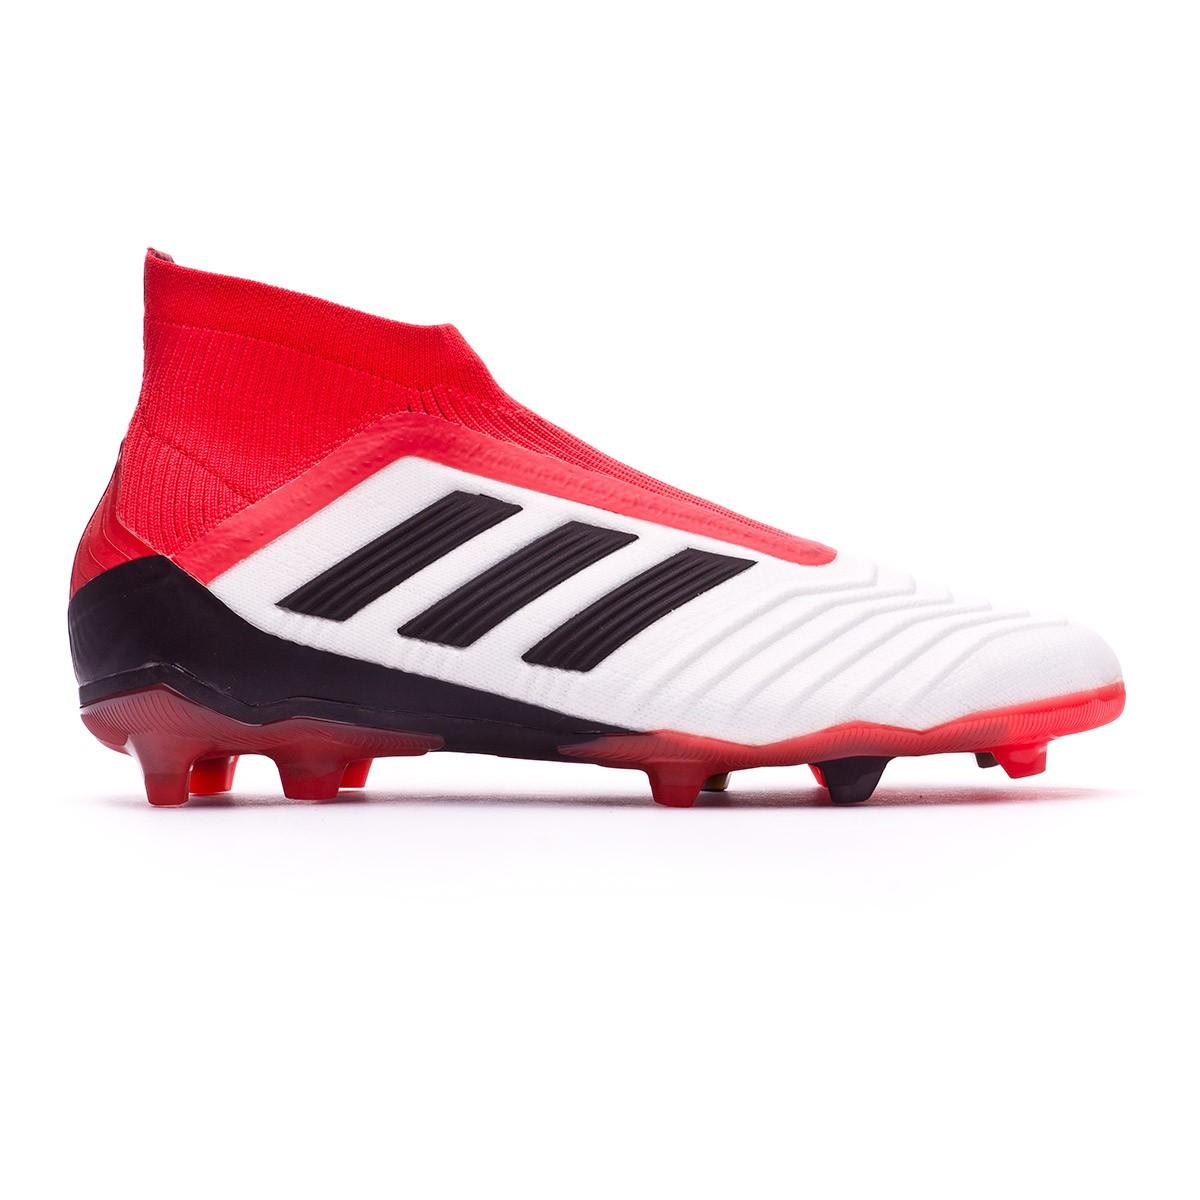 04652d7699de9 Zapatos de fútbol adidas Predator 18+ FG Niño White-Core black-Real coral -  Tienda de fútbol Fútbol Emotion